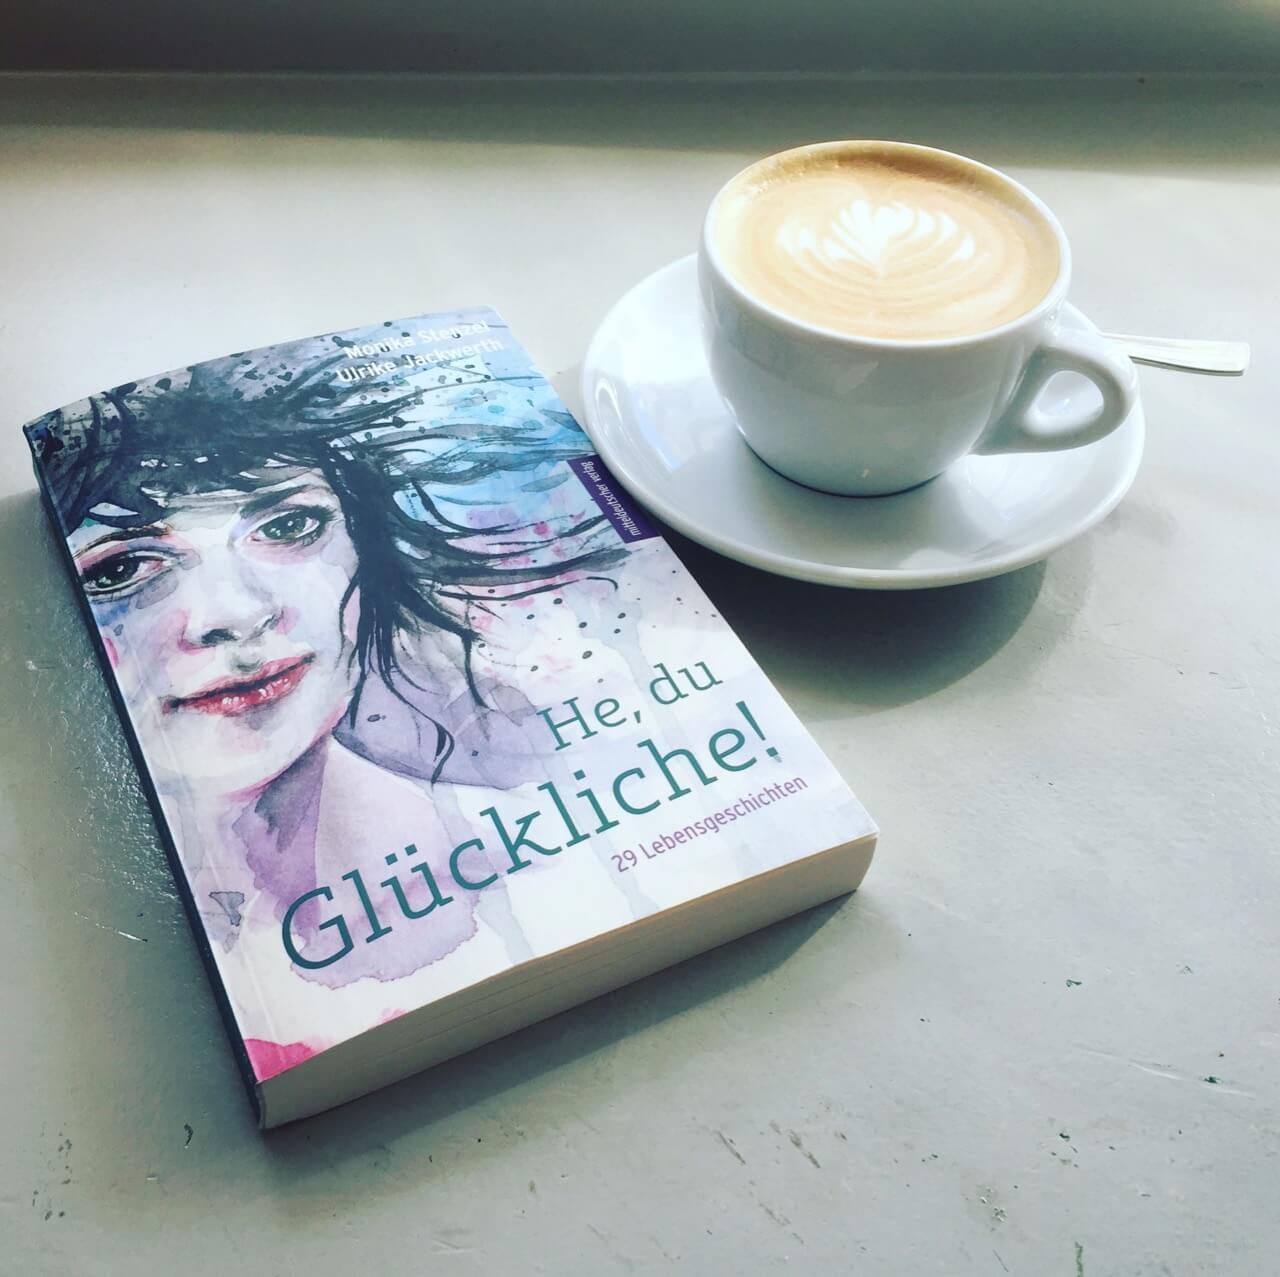 He, du Glückliche!, Mitteldeutscher Verlag - Lebensgeschichten von Frauen mit Ostdeutschen Wurzeln